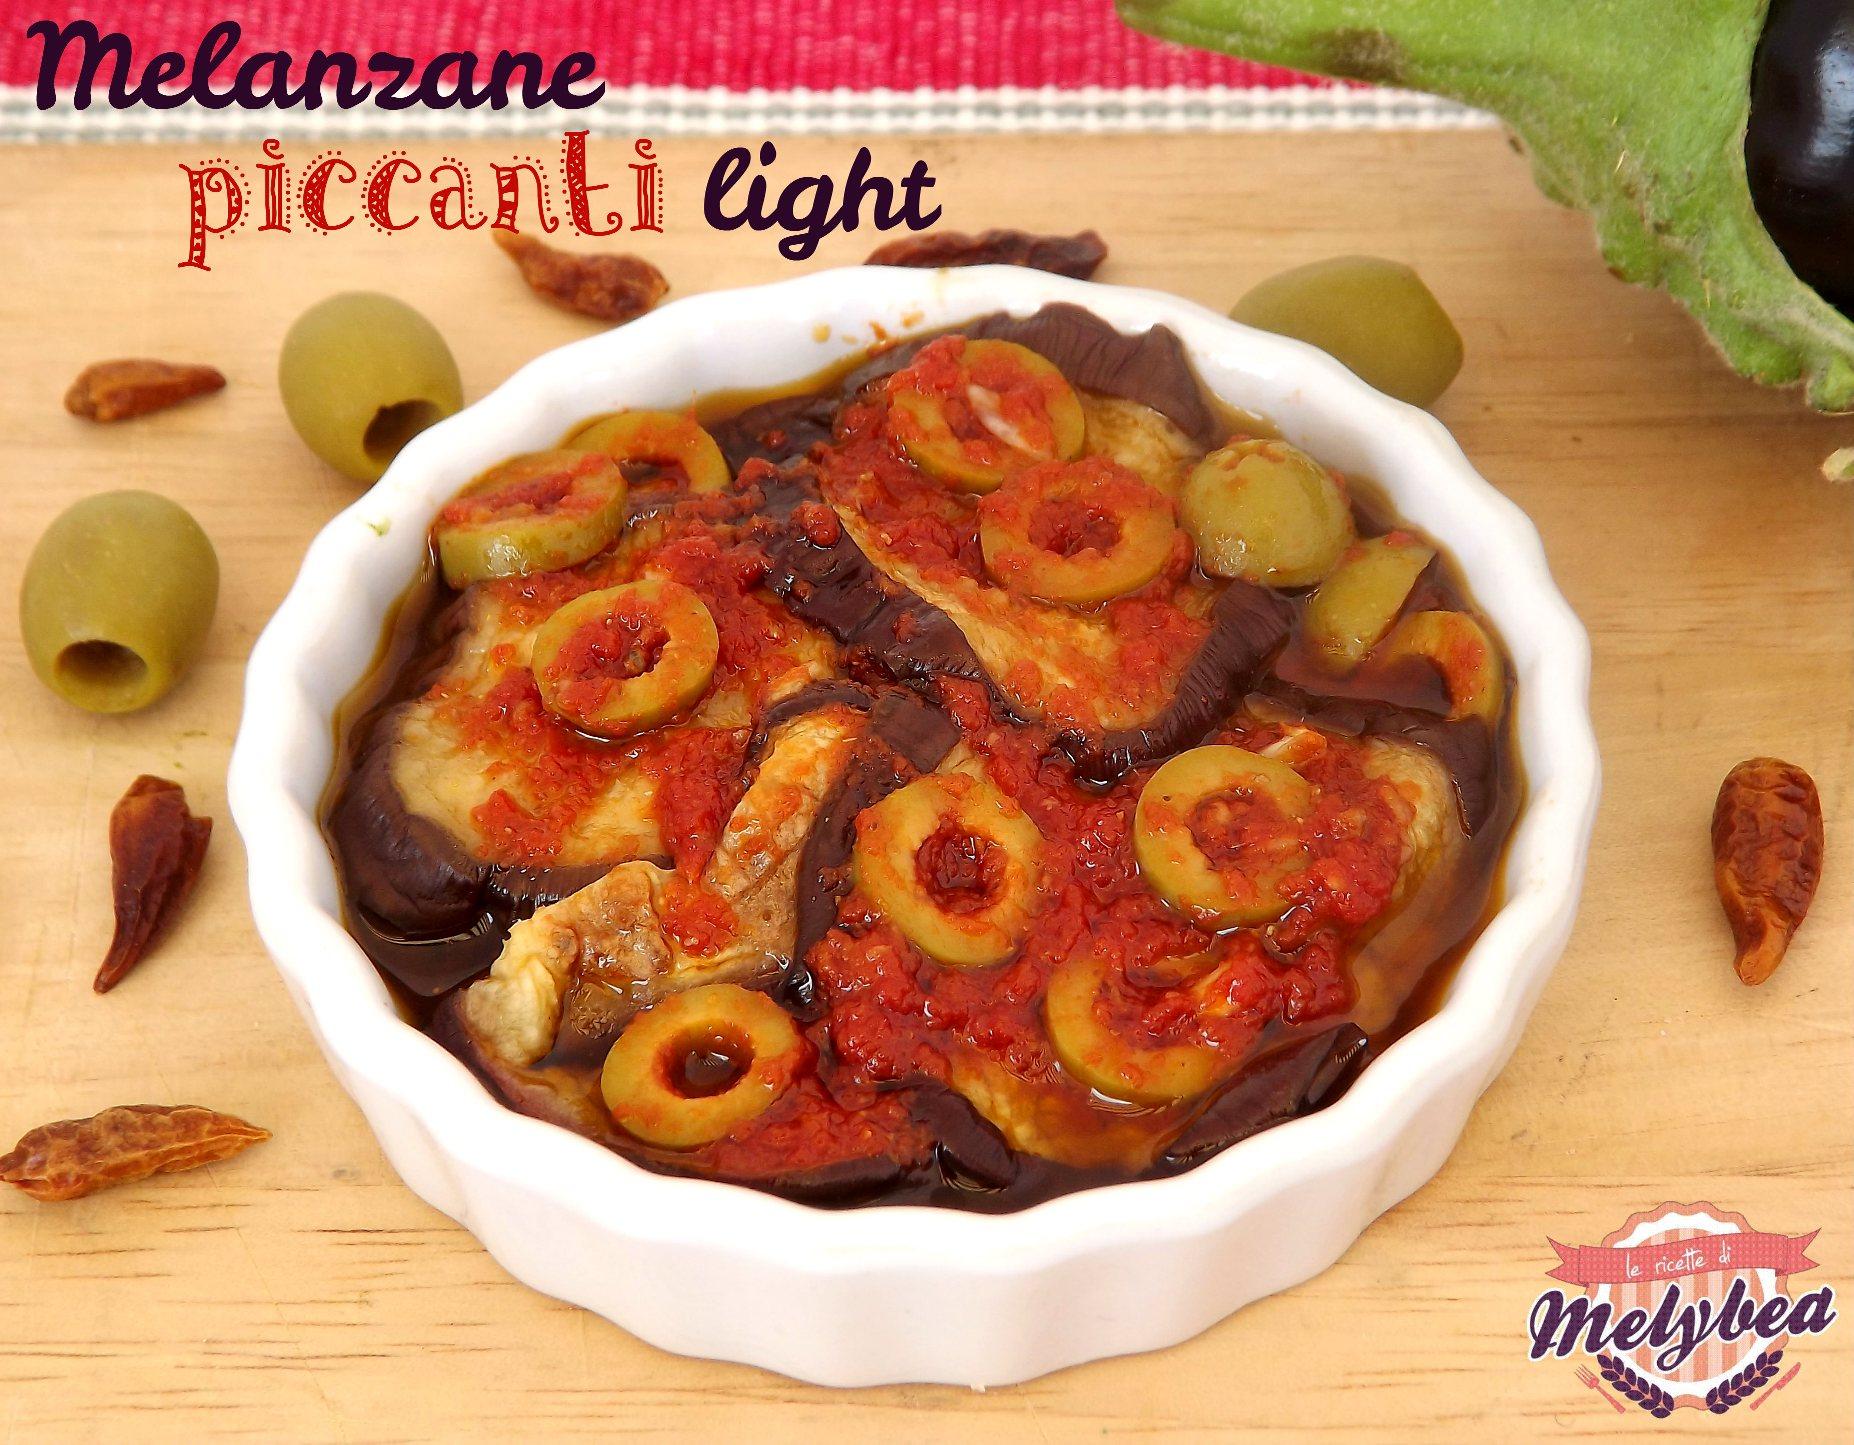 melanzane piccanti light